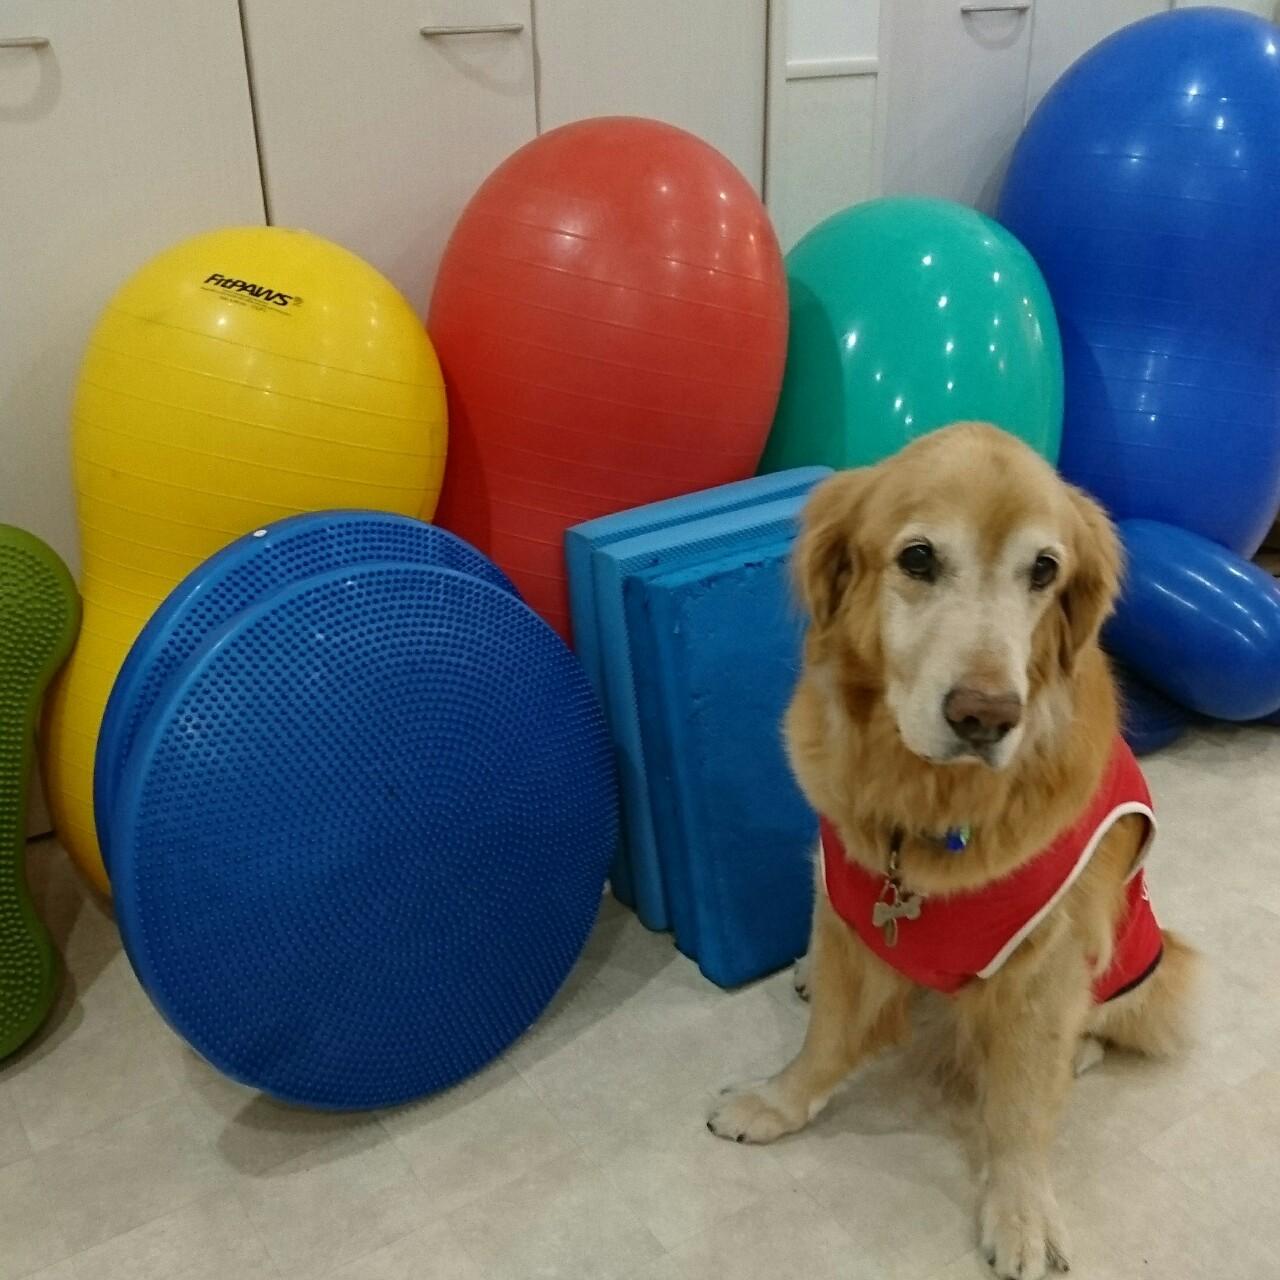 第2回 バランスボール(犬)教室開催_d0256356_16064601.jpg